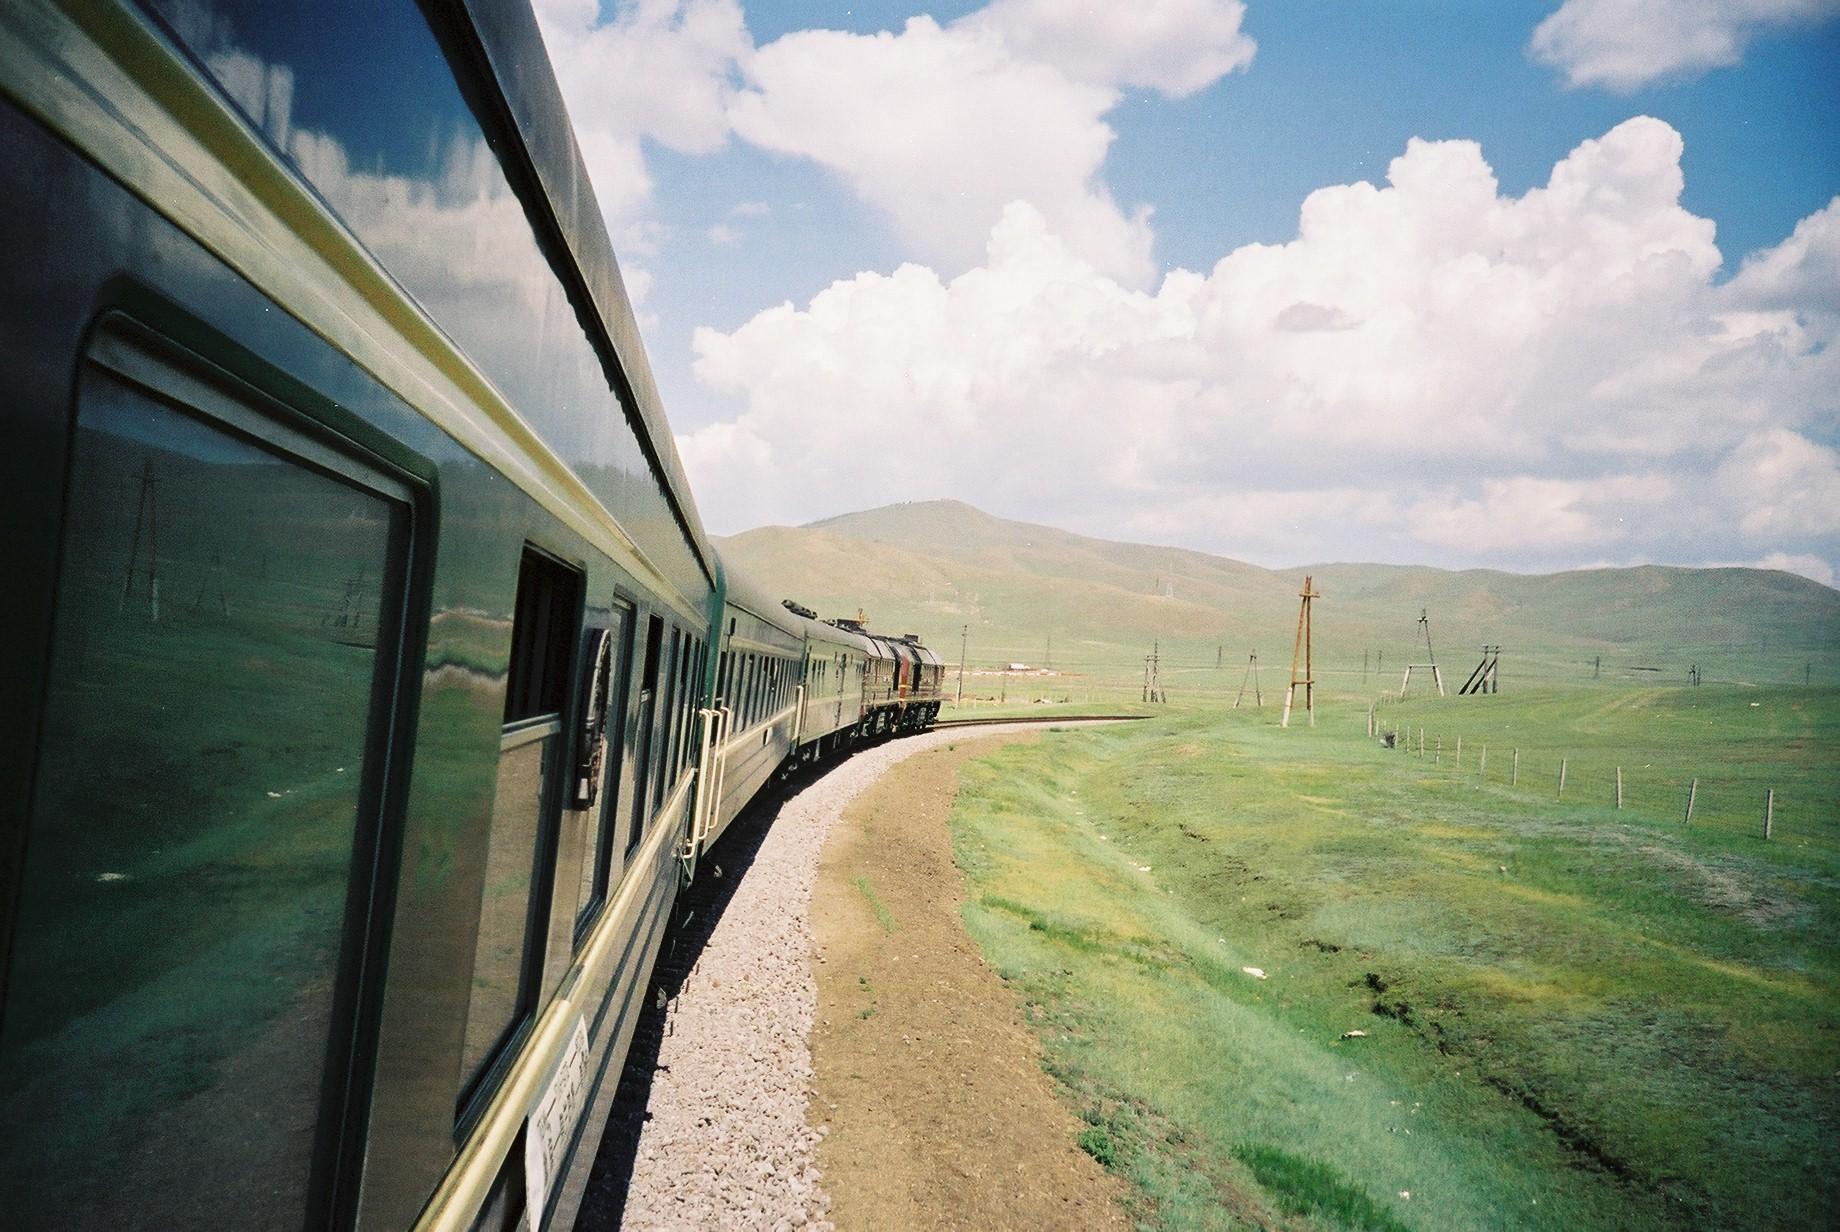 시베리아 횡단열차타기, 꿀팁 정보! (노선과 가격, 좌석지정 팁)